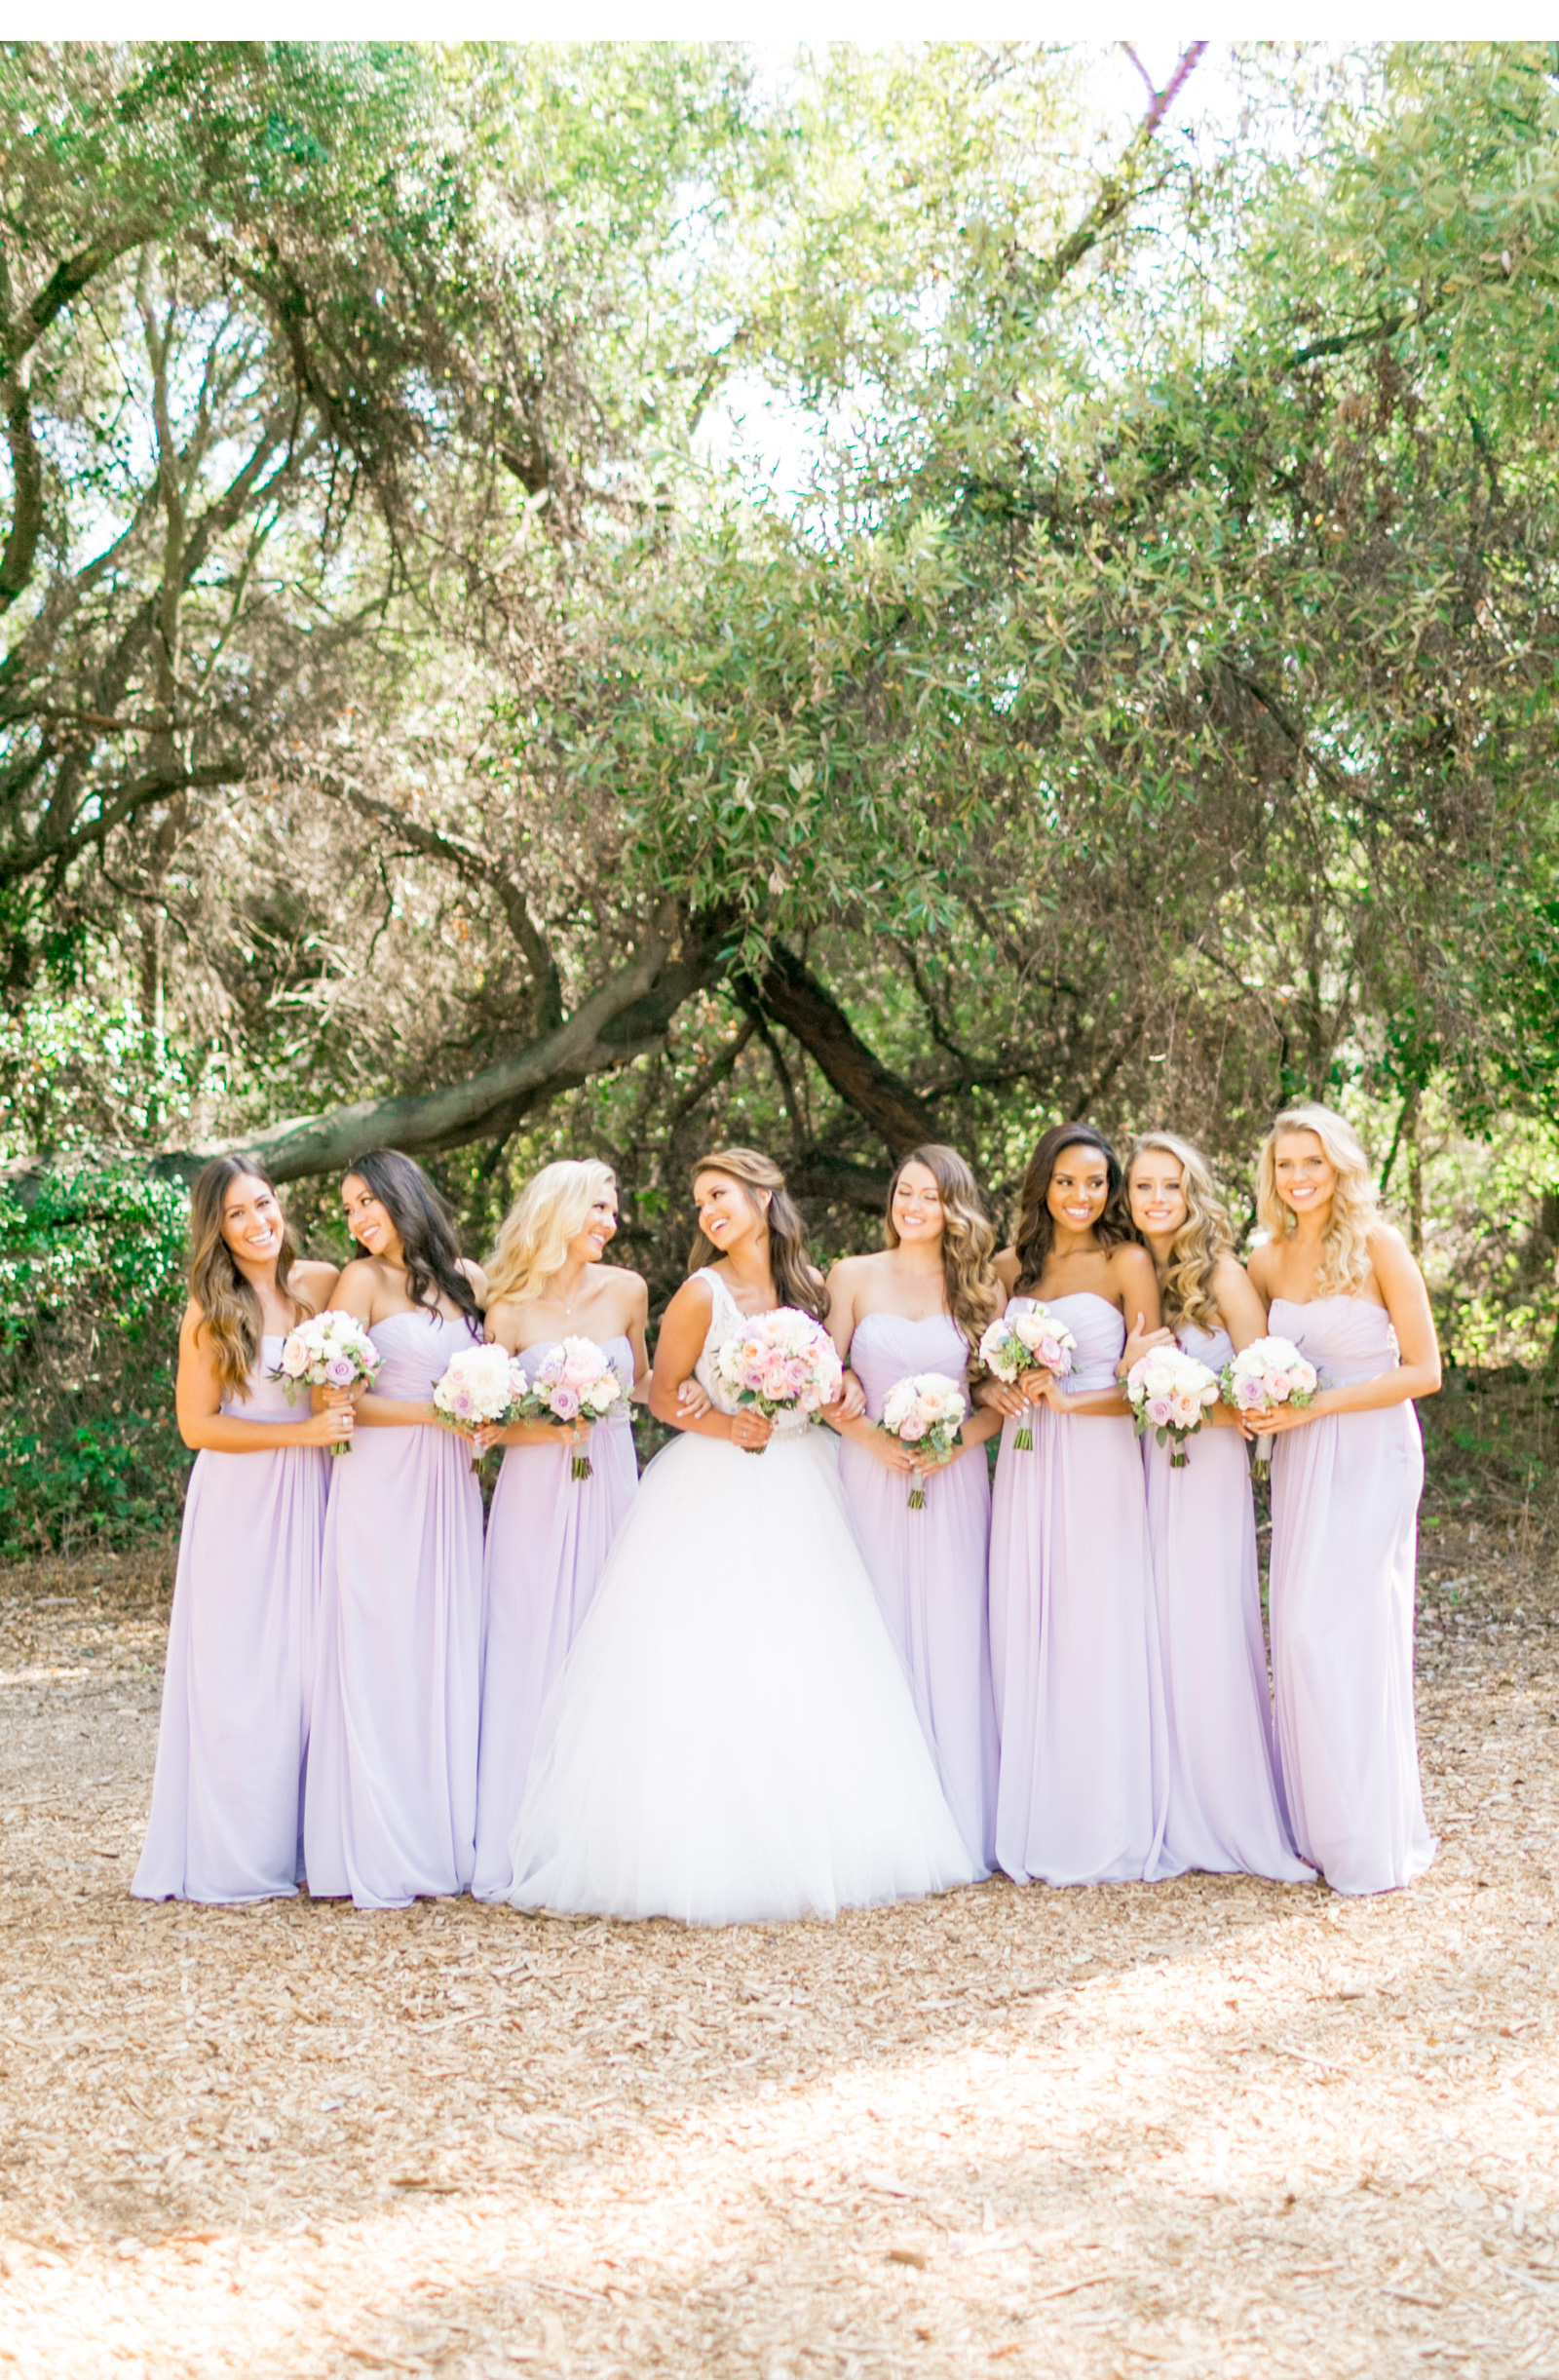 Miss-USA-Wedding-Nia-Booko-Natalie-Schutt-Photography_03.jpg